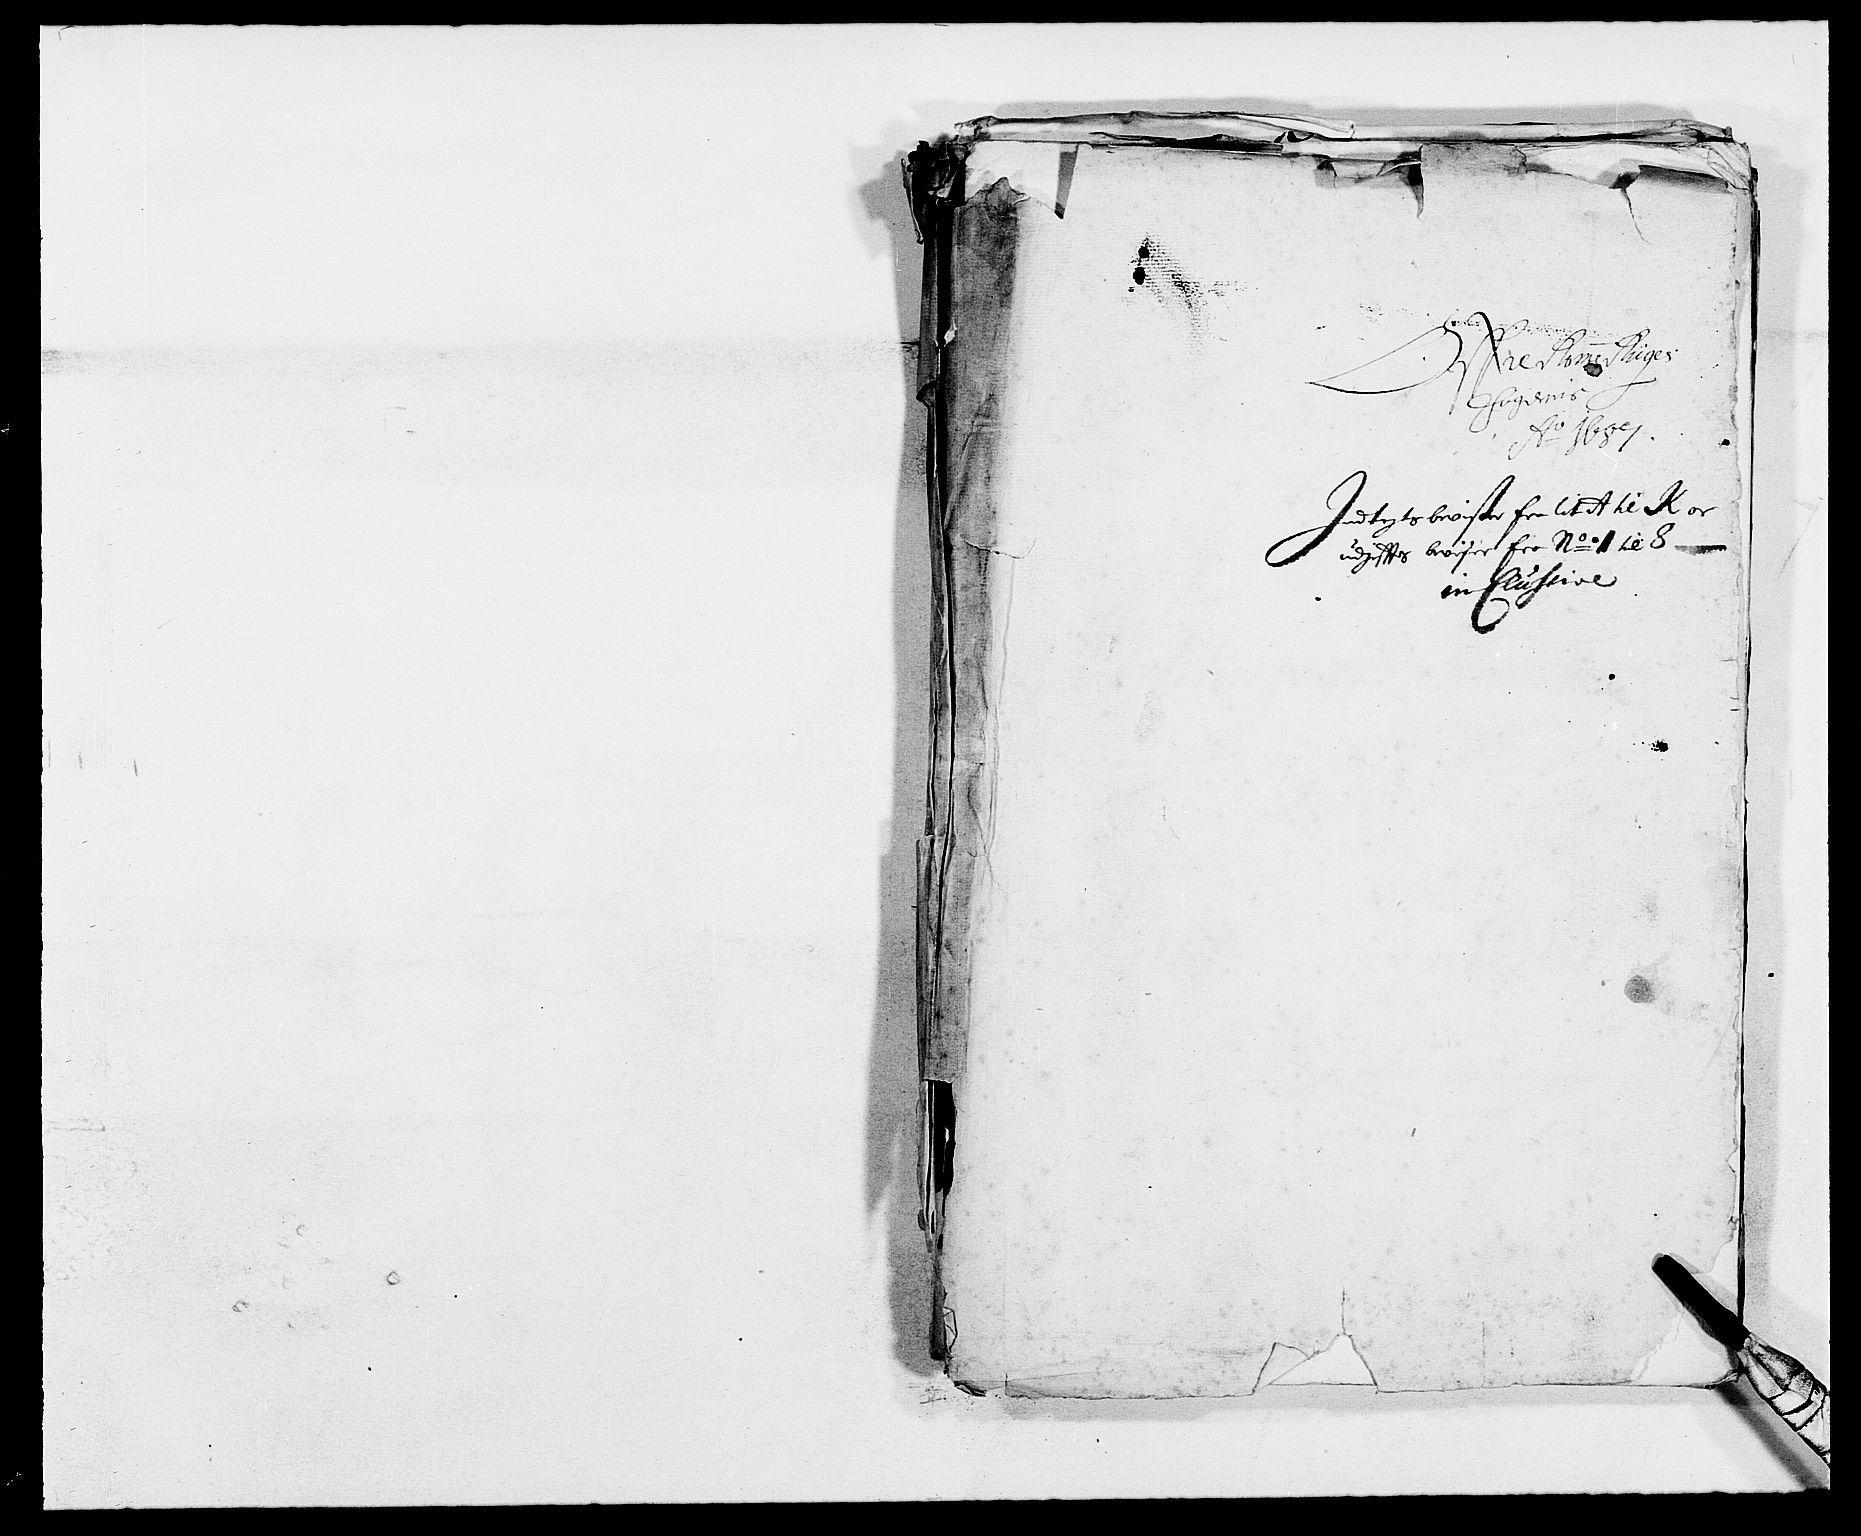 RA, Rentekammeret inntil 1814, Reviderte regnskaper, Fogderegnskap, R12/L0700: Fogderegnskap Øvre Romerike, 1687-1688, s. 167